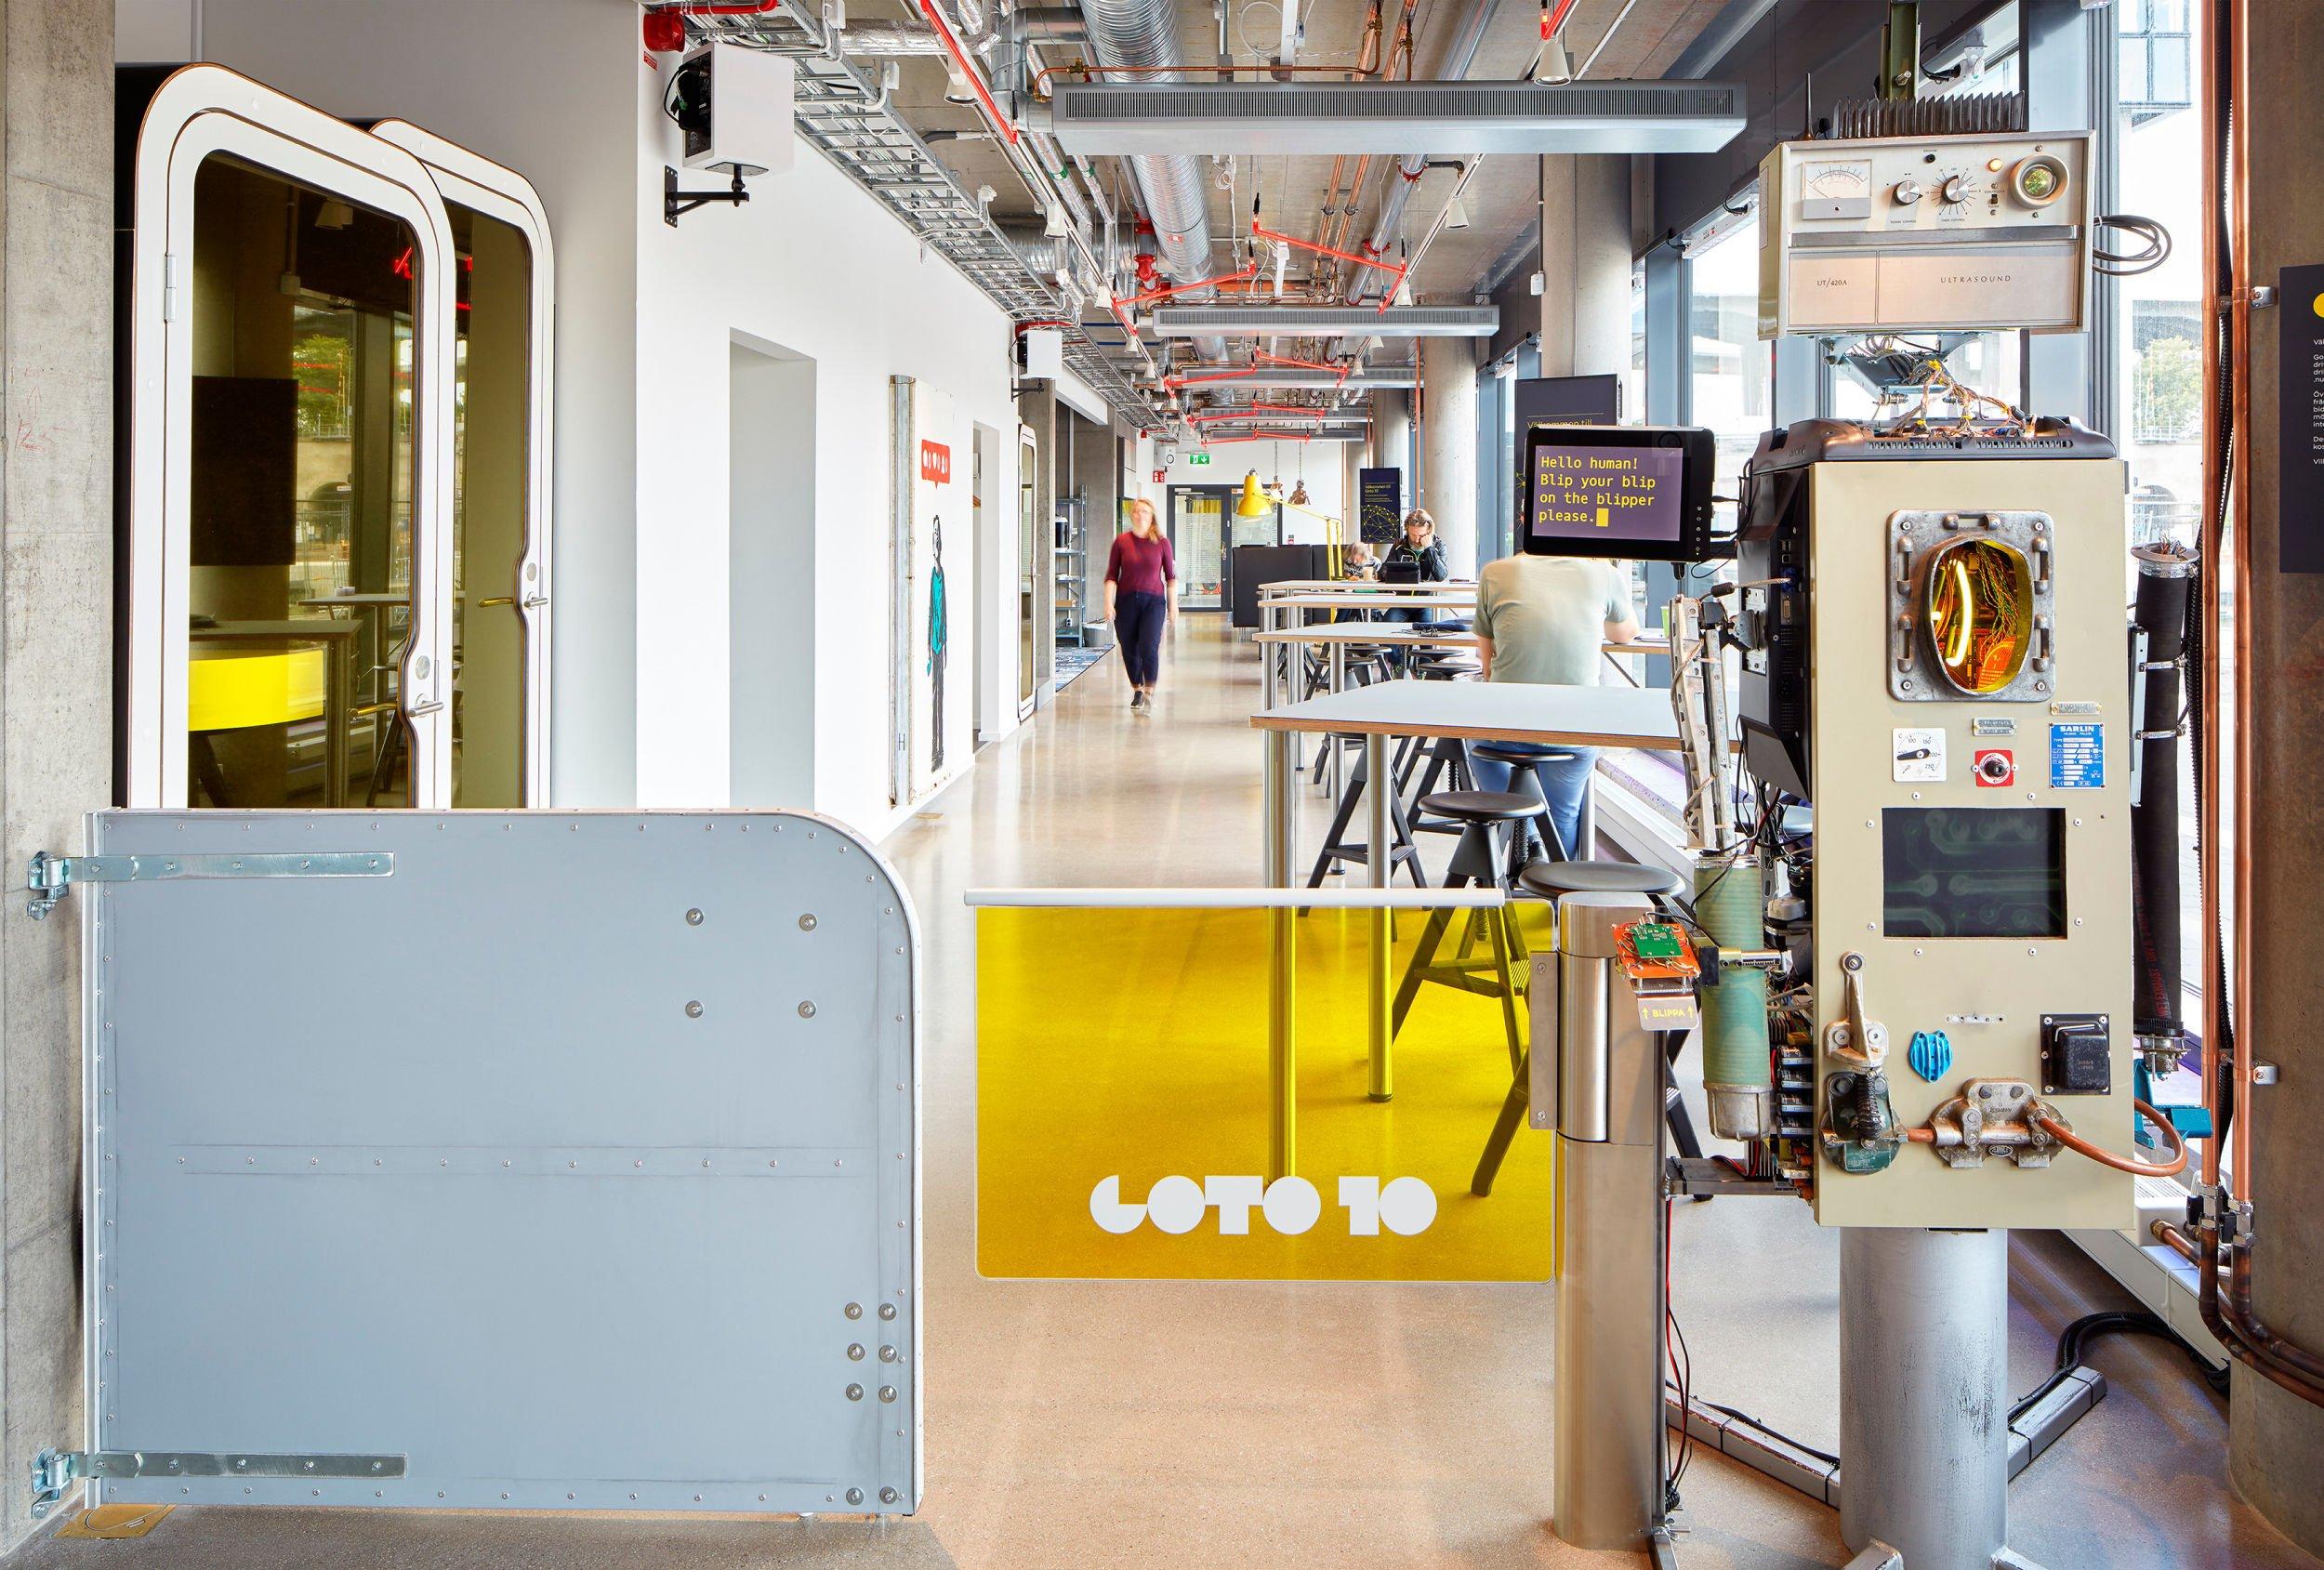 Två grindar och en robot vid ingången till start- och mötesplatsen Goto 10